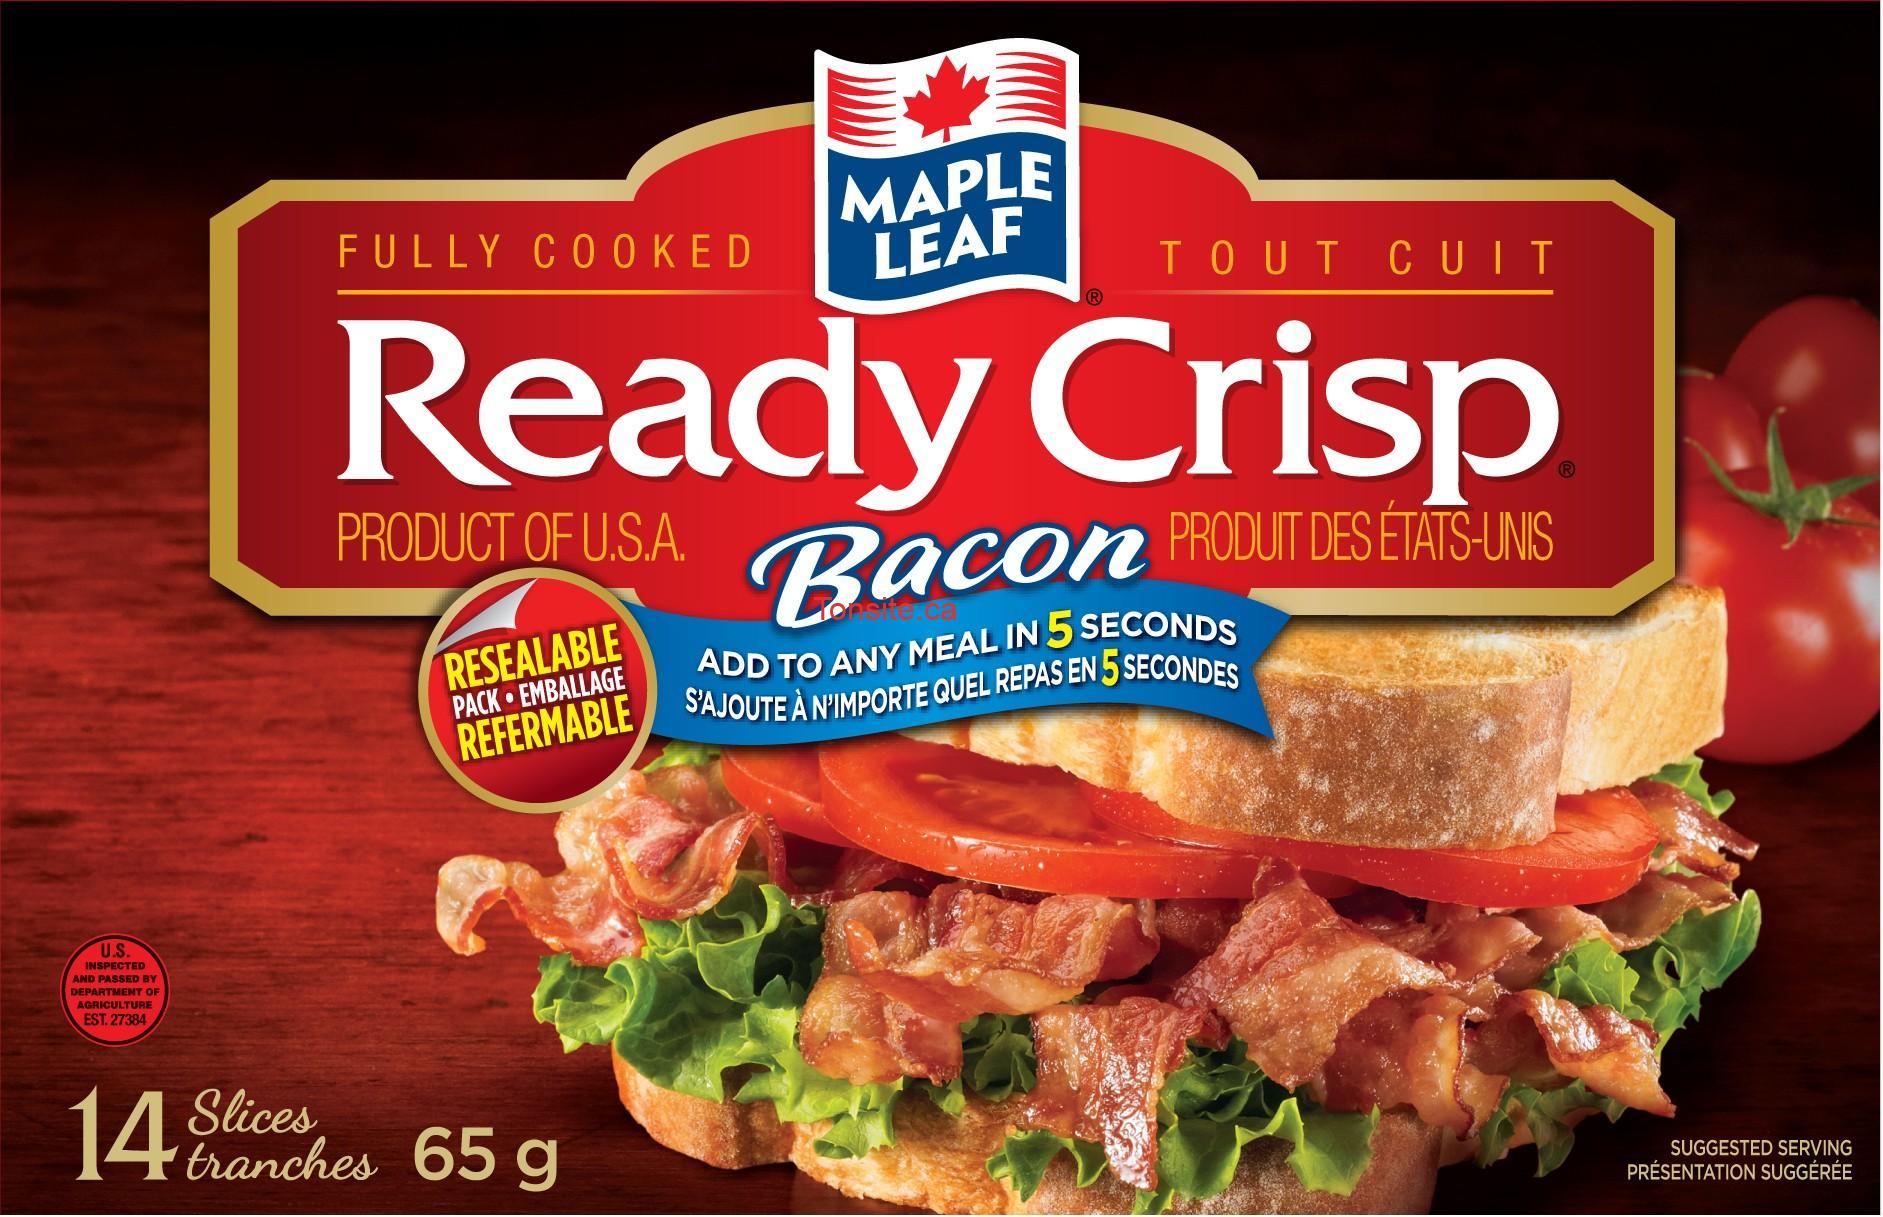 ready crisp md de maple leaf 610 - Coupon rabais de 1,50$ sur n'importe quel emballage de Ready Crisp de Maple Leaf